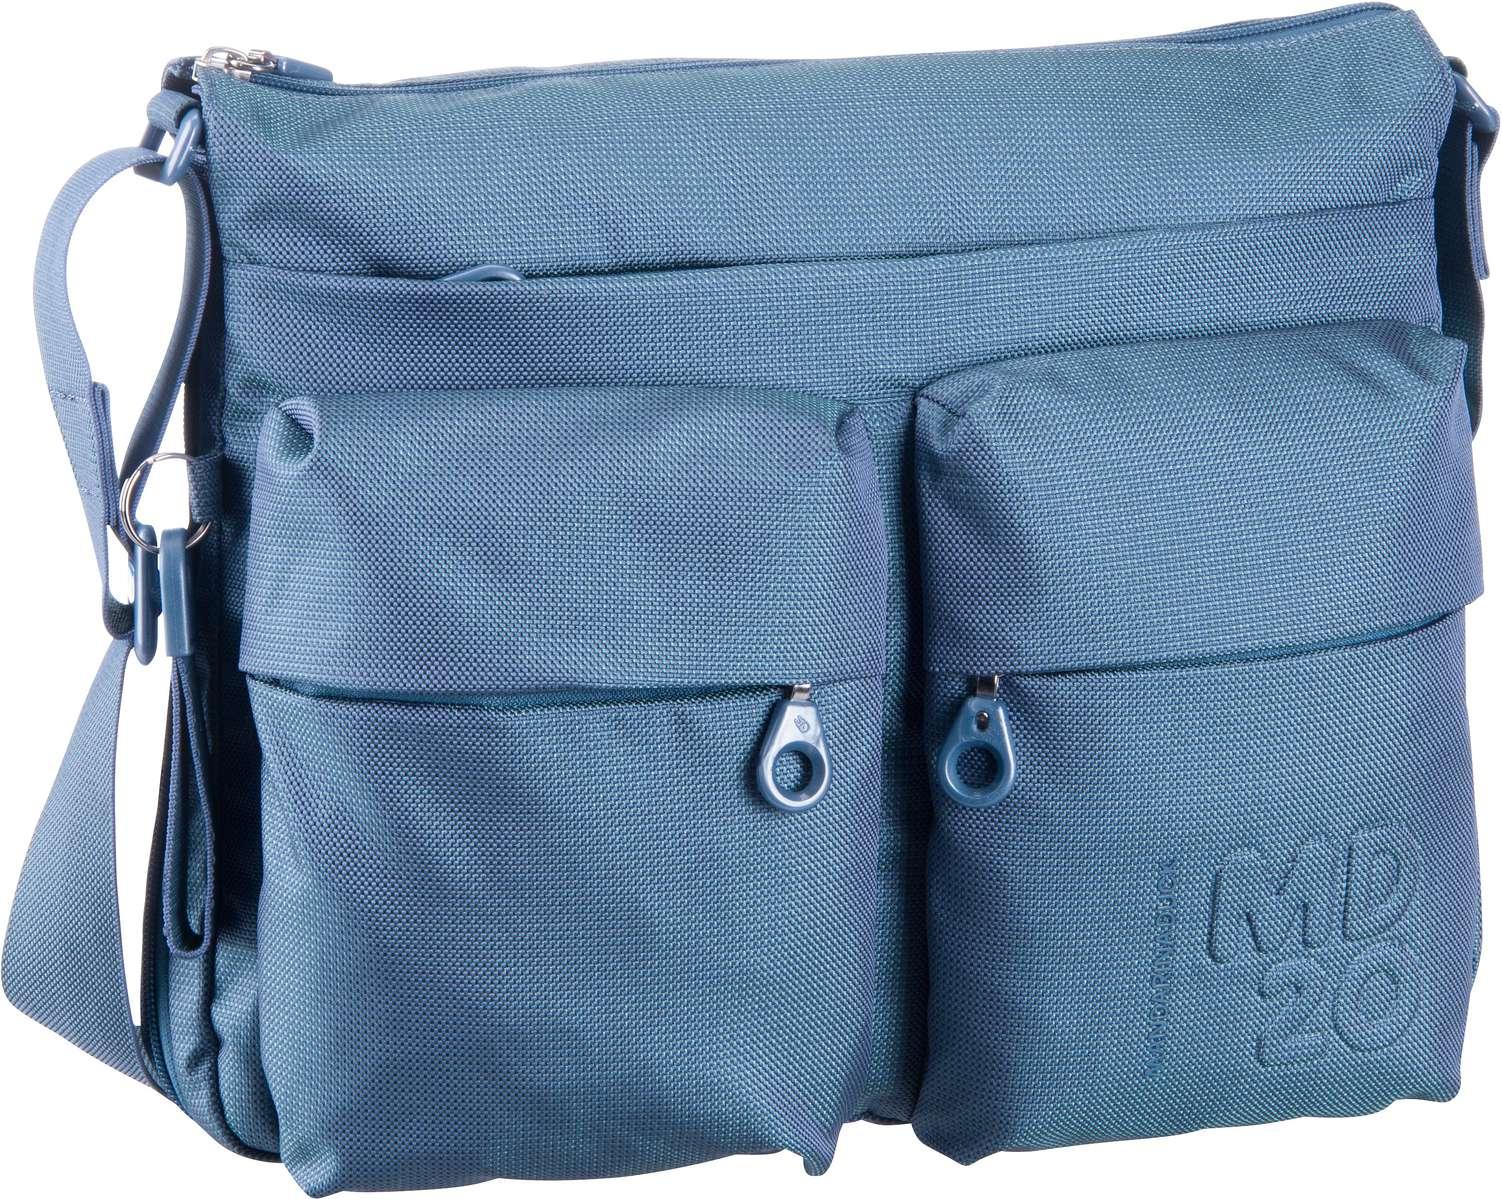 Umhängetasche MD20 Big Crossover Bag QMTX6 Moonlight Blue